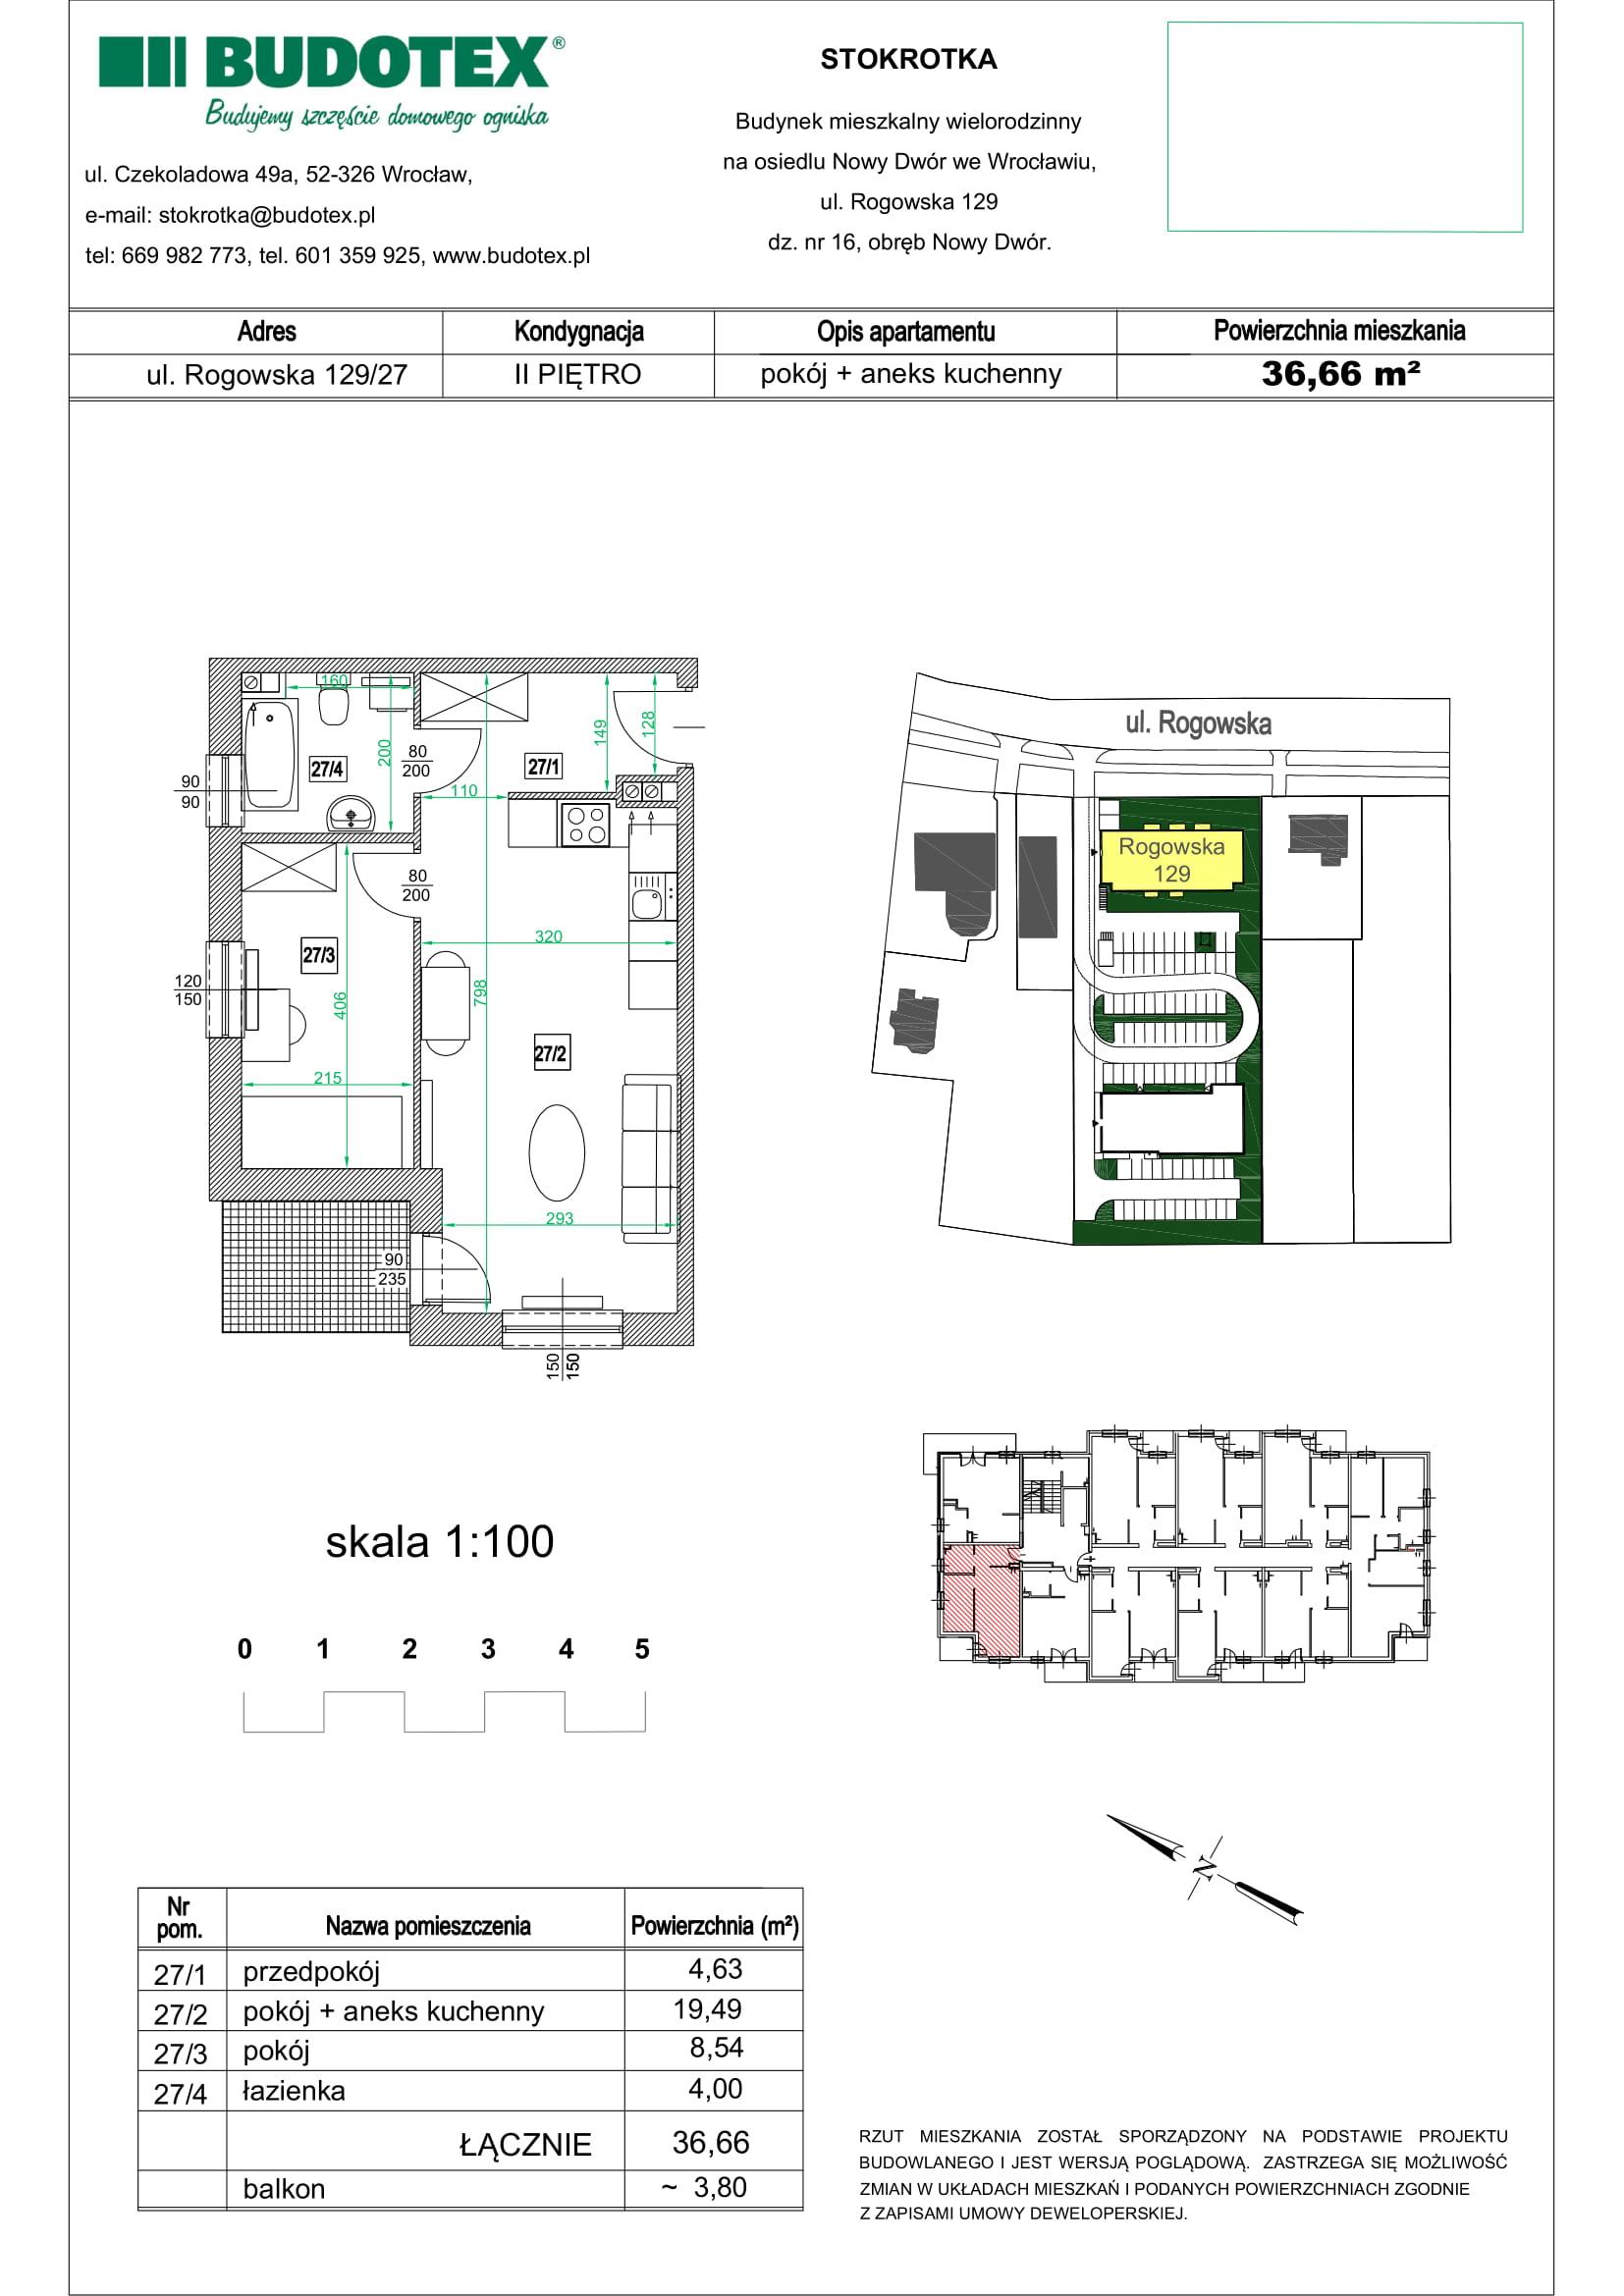 Mieszkanie nr 27